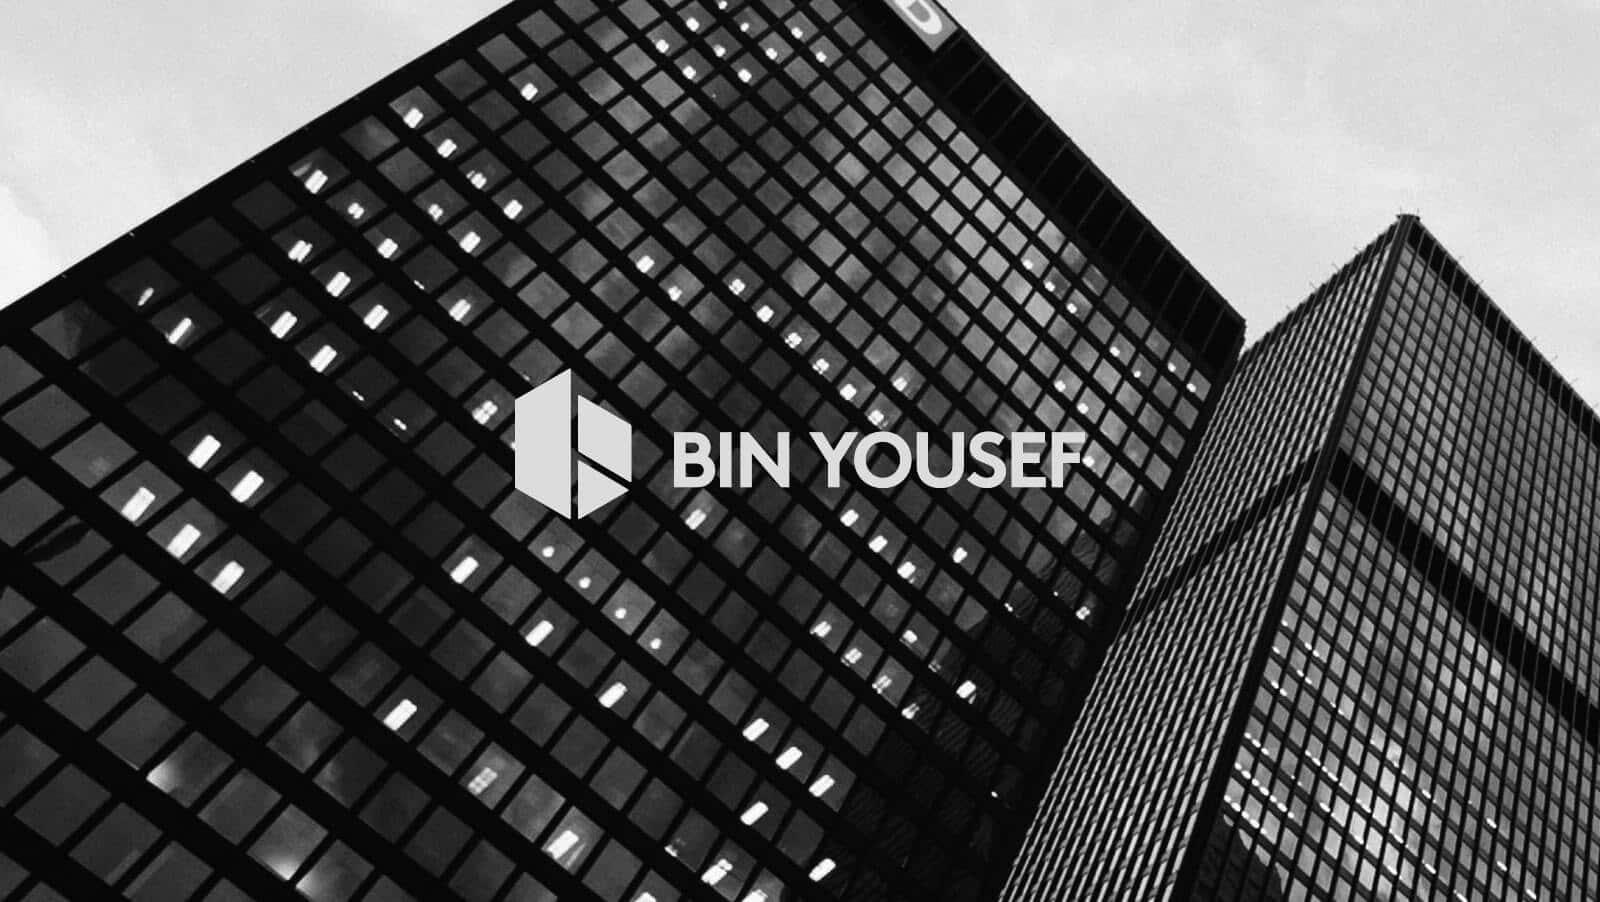 Bin Yousef